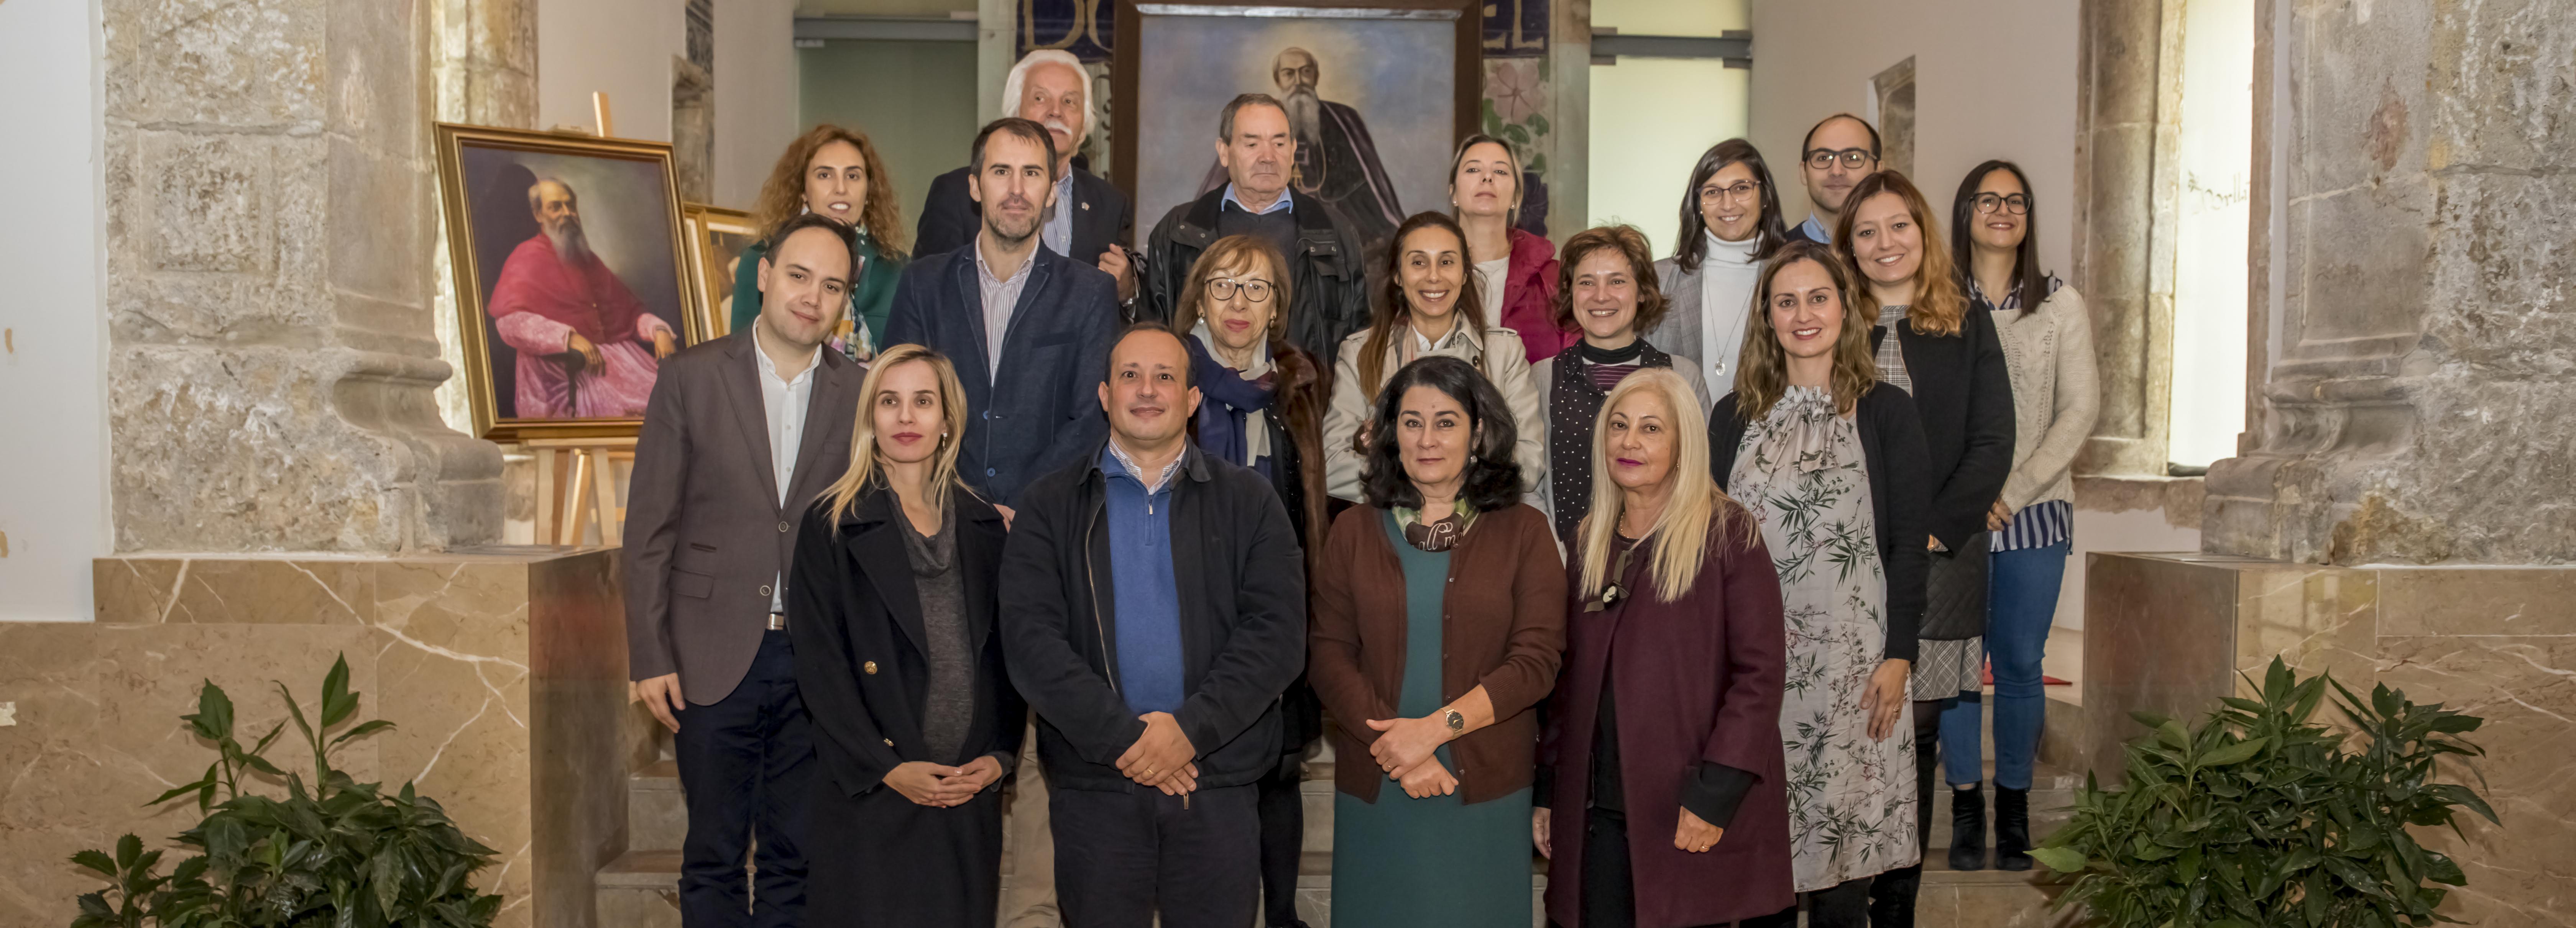 Município de Barcelos presente na cerimónia de celebração do Consórcio de Parceiros